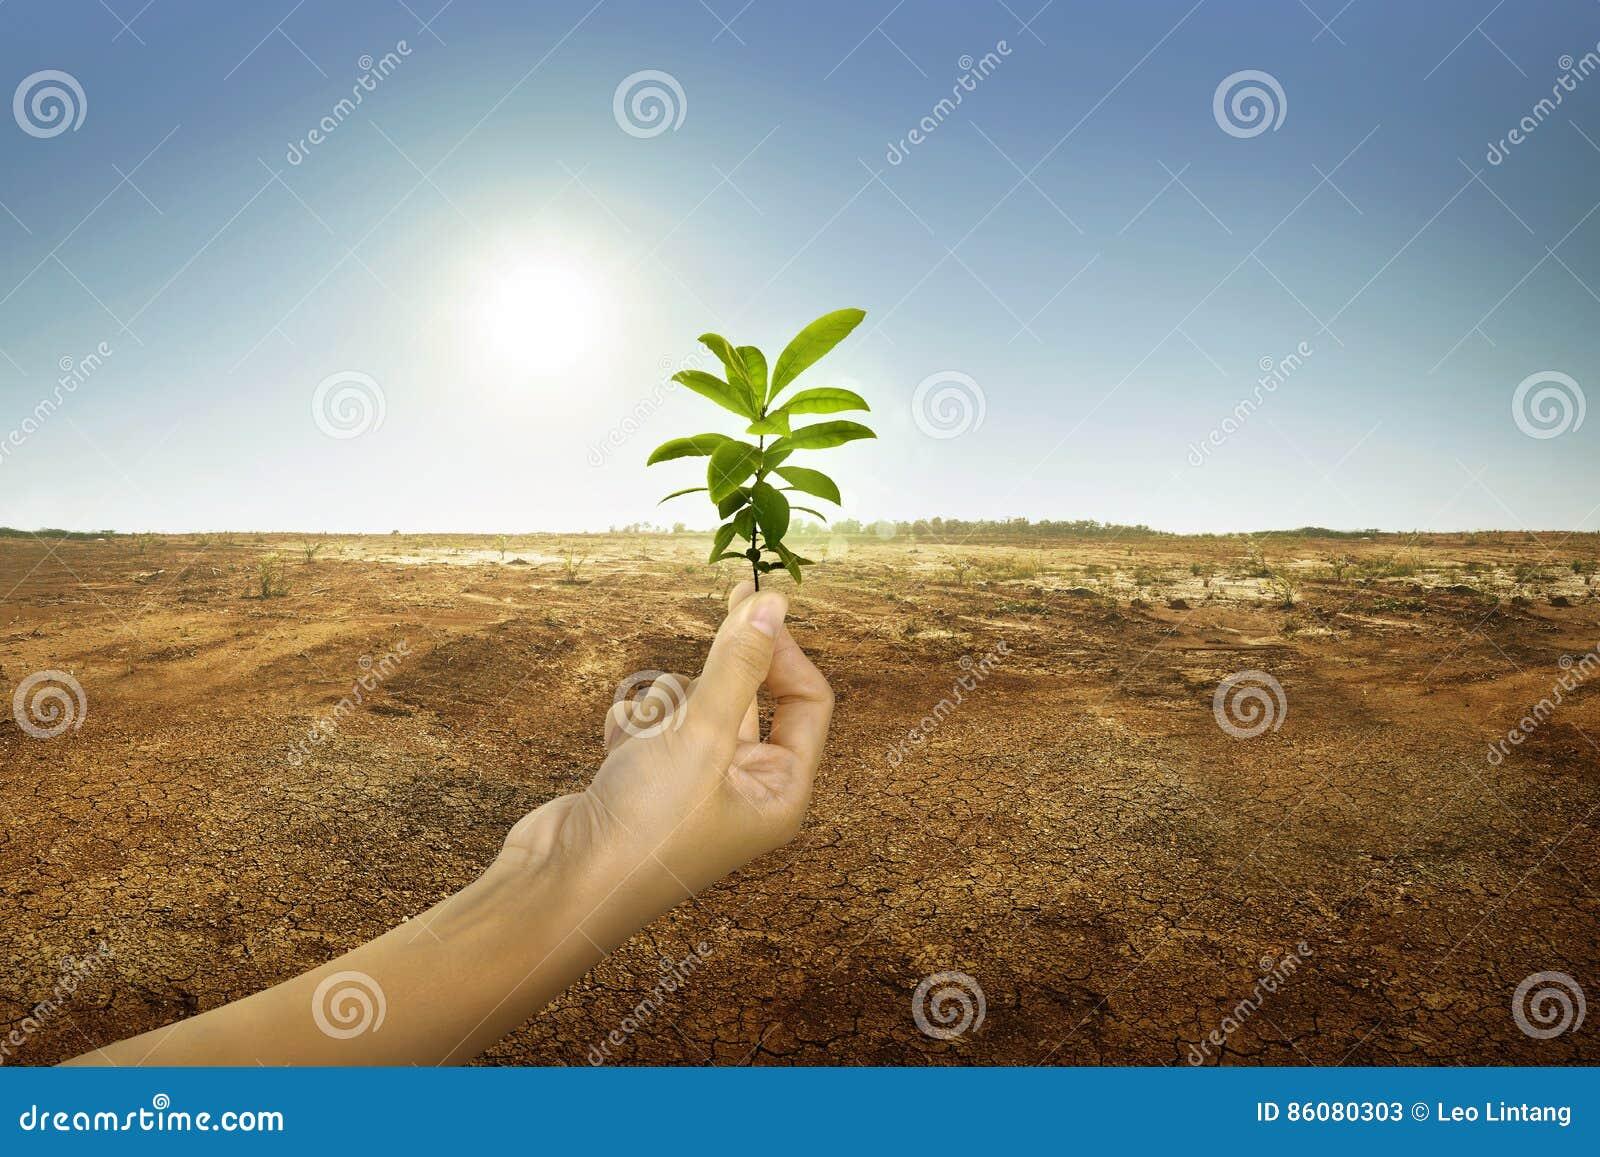 Mano che tiene pianta verde con luce solare